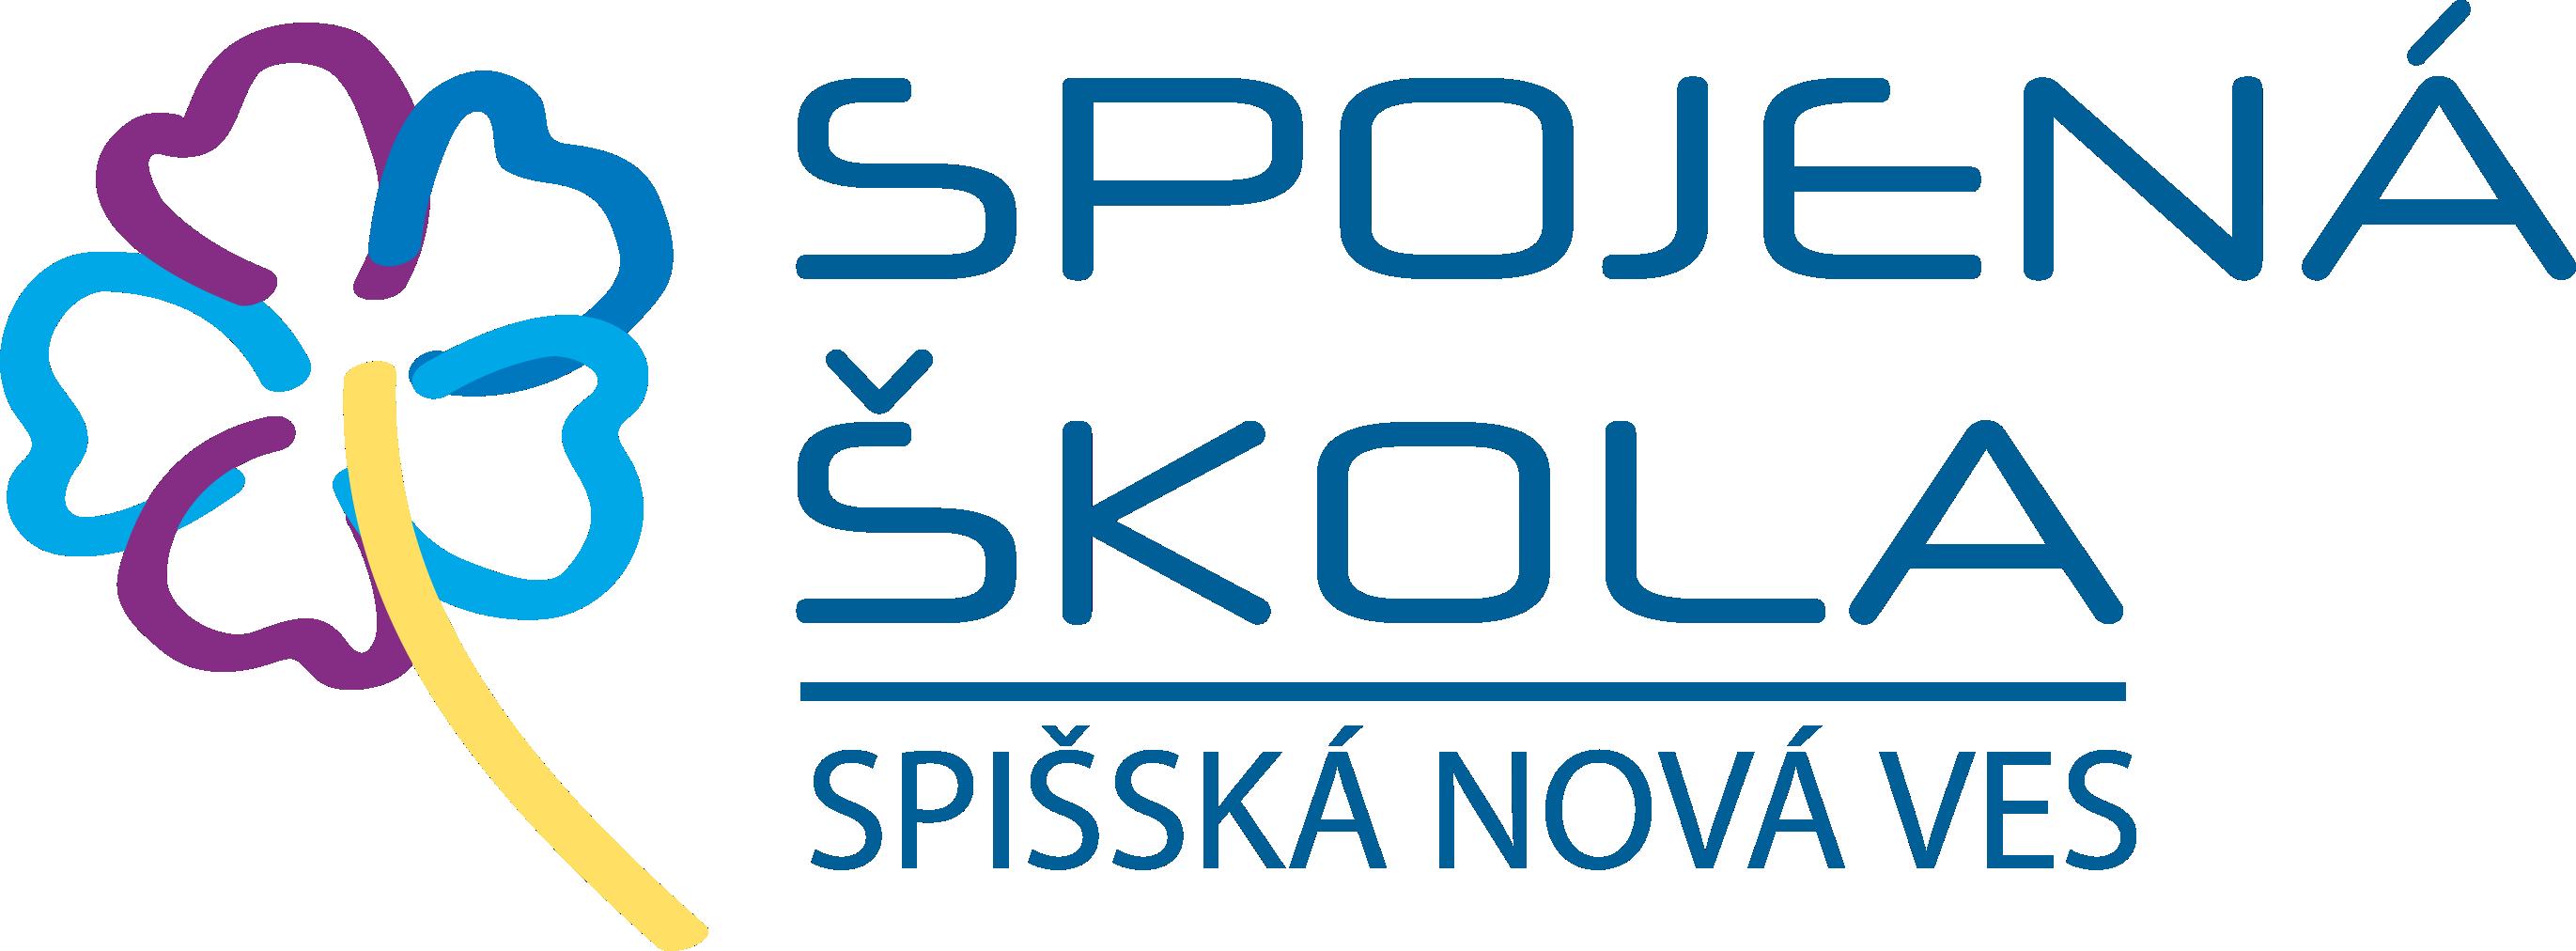 Spojená škola Spišská Nová Ves